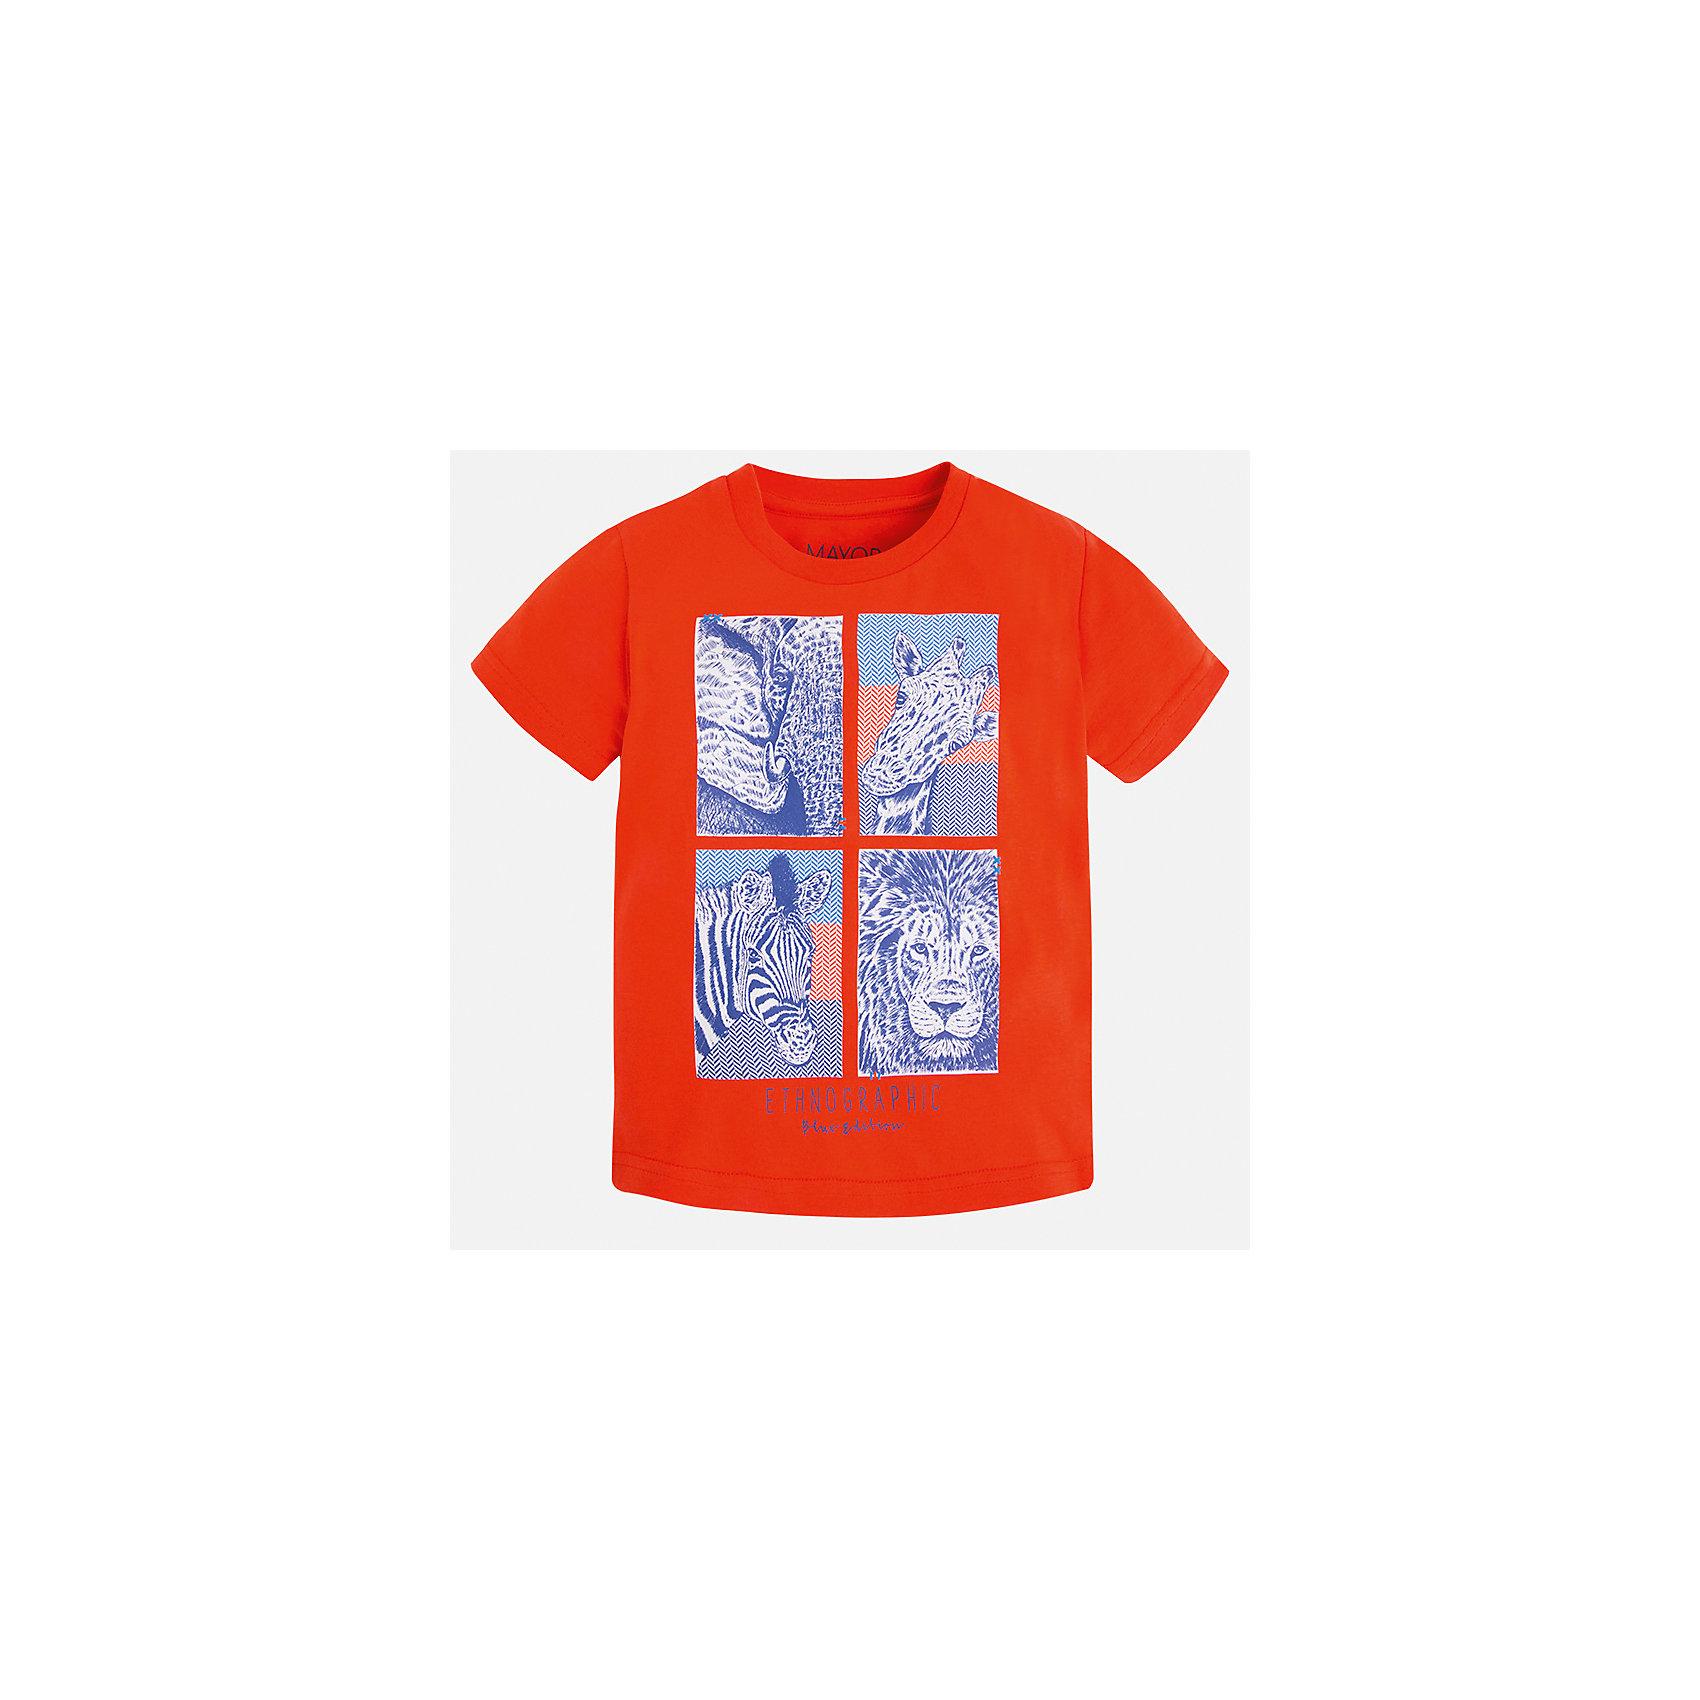 Футболка для мальчика MayoralФутболки, поло и топы<br>Характеристики товара:<br><br>• цвет: красный<br>• состав: 100% хлопок<br>• круглый горловой вырез<br>• декорирована принтом<br>• короткие рукава<br>• отделка горловины<br>• страна бренда: Испания<br><br>Модная удобная футболка с принтом поможет разнообразить гардероб мальчика. Она отлично сочетается с брюками, шортами, джинсами. Универсальный крой и цвет позволяет подобрать к вещи низ разных расцветок. Практичное и стильное изделие! Хорошо смотрится и комфортно сидит на детях. В составе материала - только натуральный хлопок, гипоаллергенный, приятный на ощупь, дышащий. <br><br>Одежда, обувь и аксессуары от испанского бренда Mayoral полюбились детям и взрослым по всему миру. Модели этой марки - стильные и удобные. Для их производства используются только безопасные, качественные материалы и фурнитура. Порадуйте ребенка модными и красивыми вещами от Mayoral! <br><br>Футболку для мальчика от испанского бренда Mayoral (Майорал) можно купить в нашем интернет-магазине.<br><br>Ширина мм: 199<br>Глубина мм: 10<br>Высота мм: 161<br>Вес г: 151<br>Цвет: красный<br>Возраст от месяцев: 48<br>Возраст до месяцев: 60<br>Пол: Мужской<br>Возраст: Детский<br>Размер: 110,134,92,98,104,116,122,128<br>SKU: 5279881